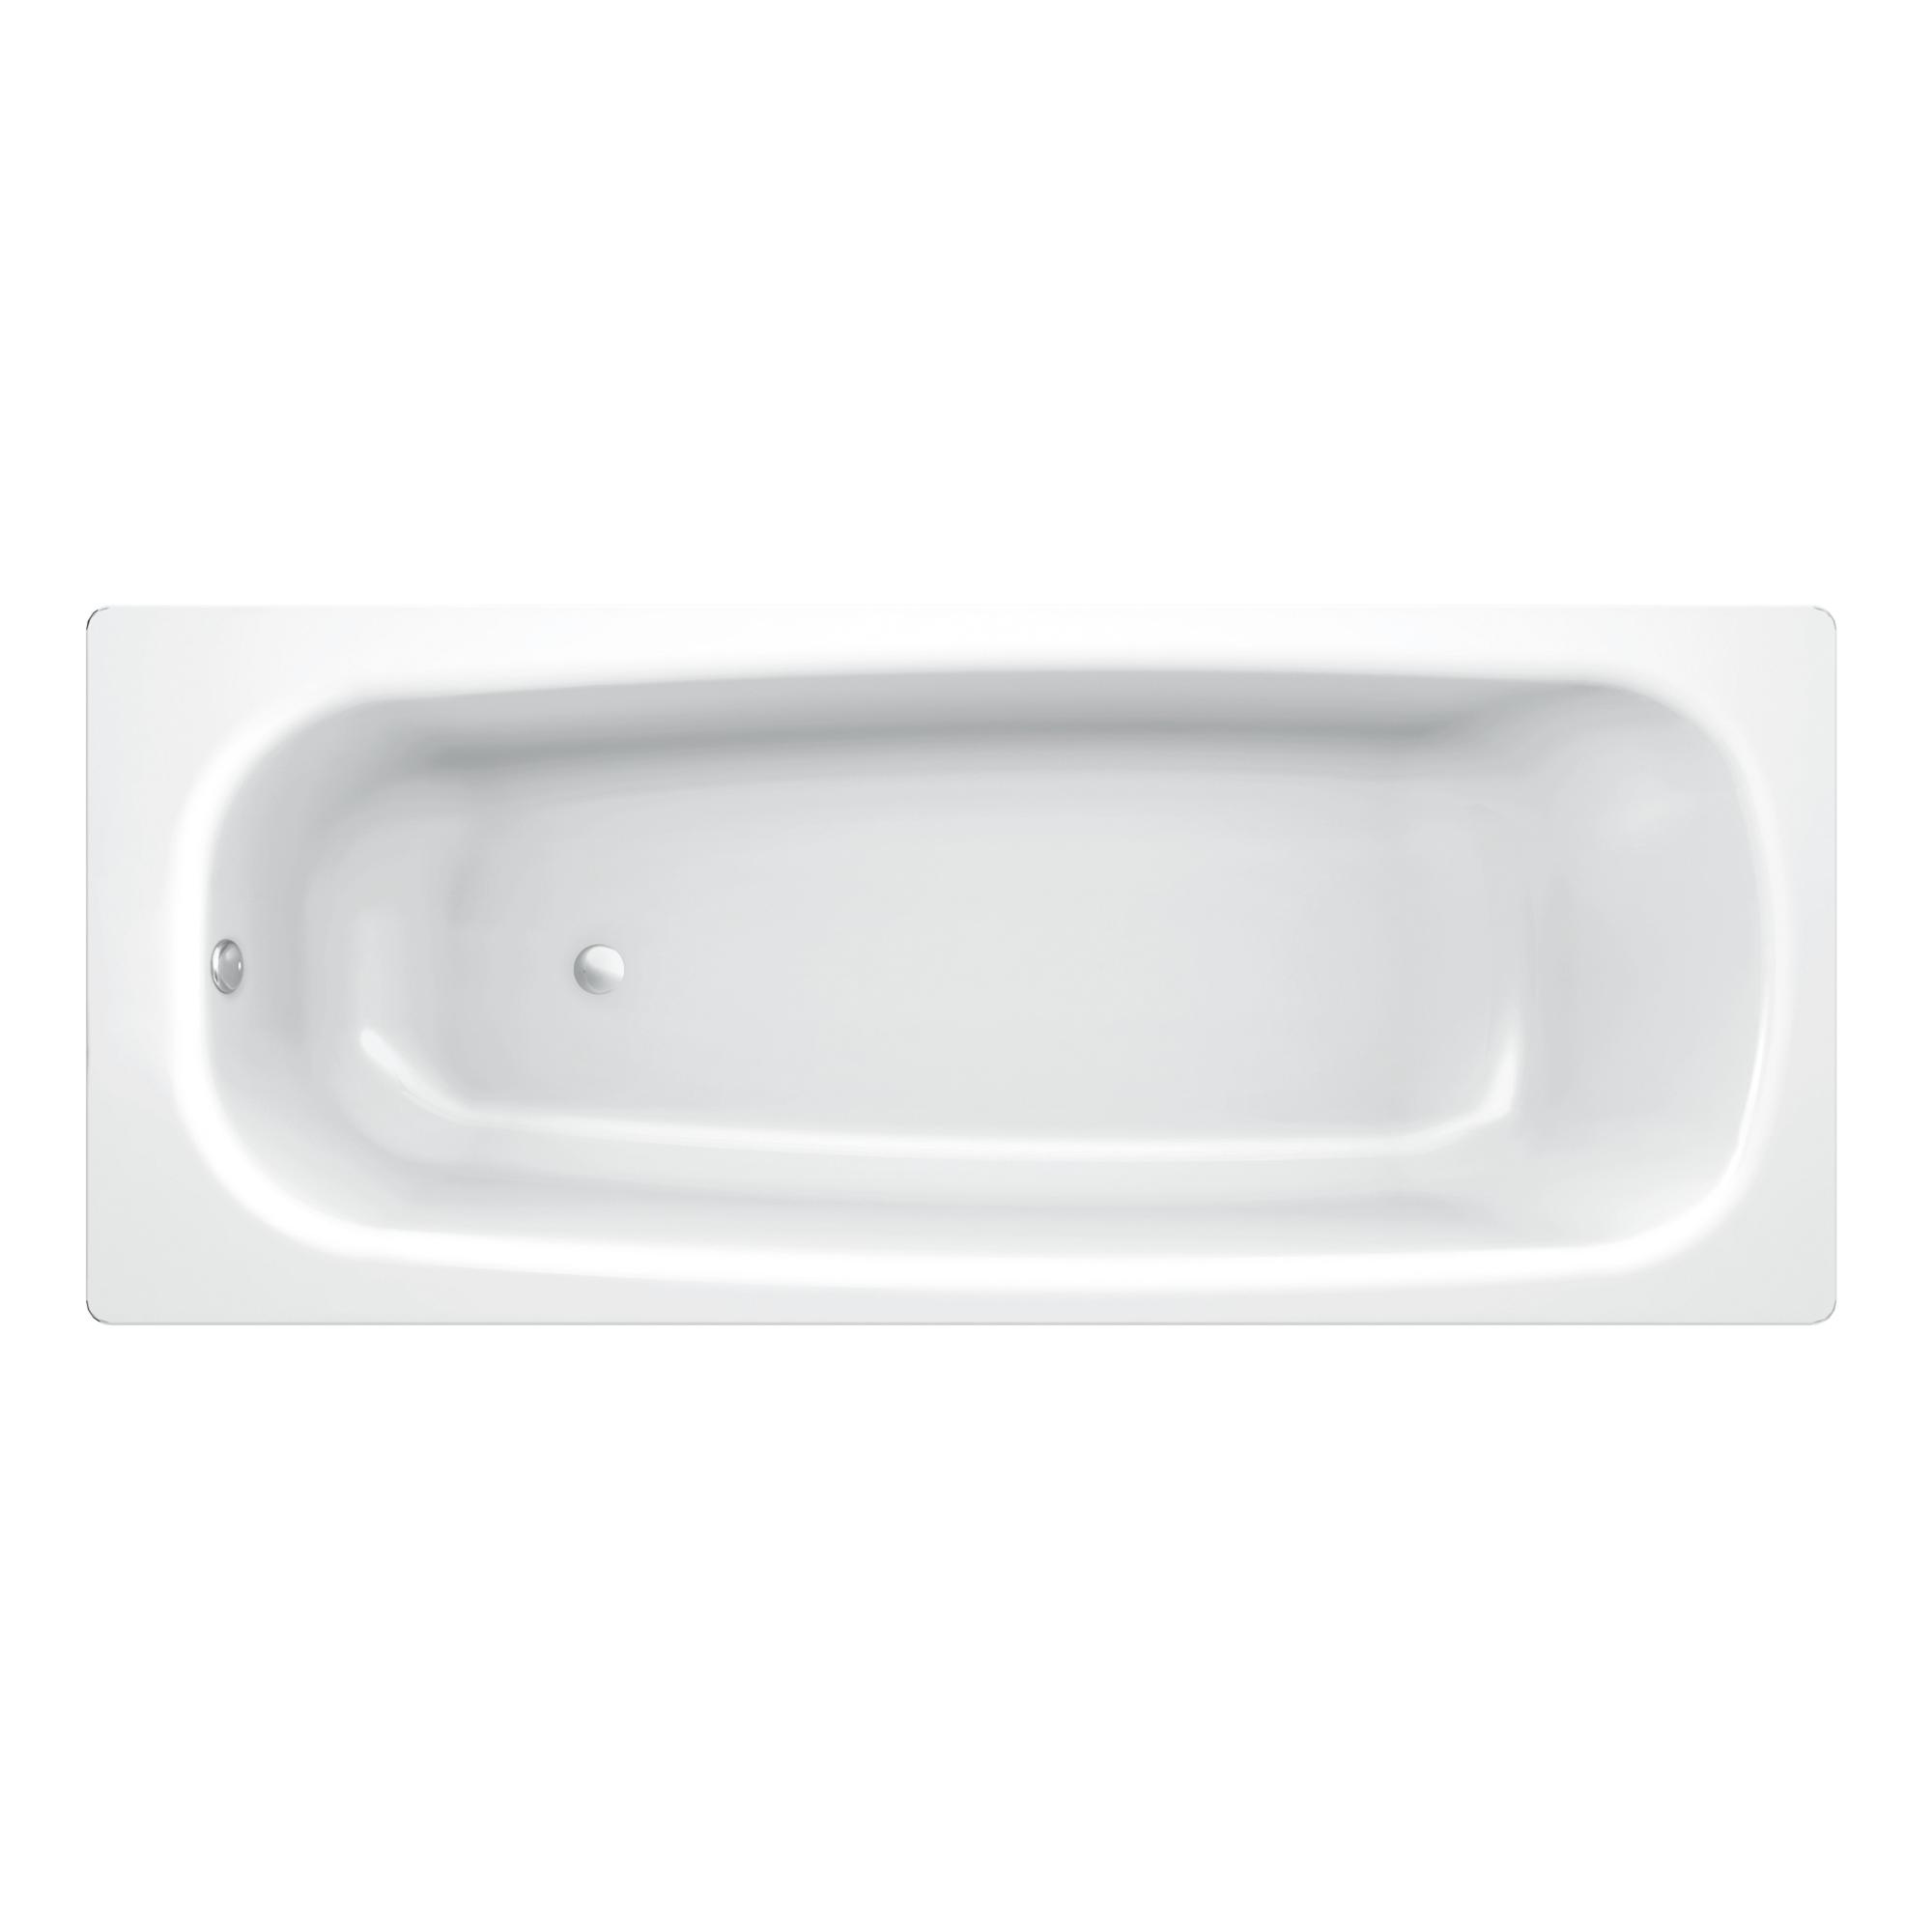 Стальная ванна Koller Pool Universal 160x70 с anti-slip ванна стальная виз antika 170x70x40 с ножками с рантом a 70001